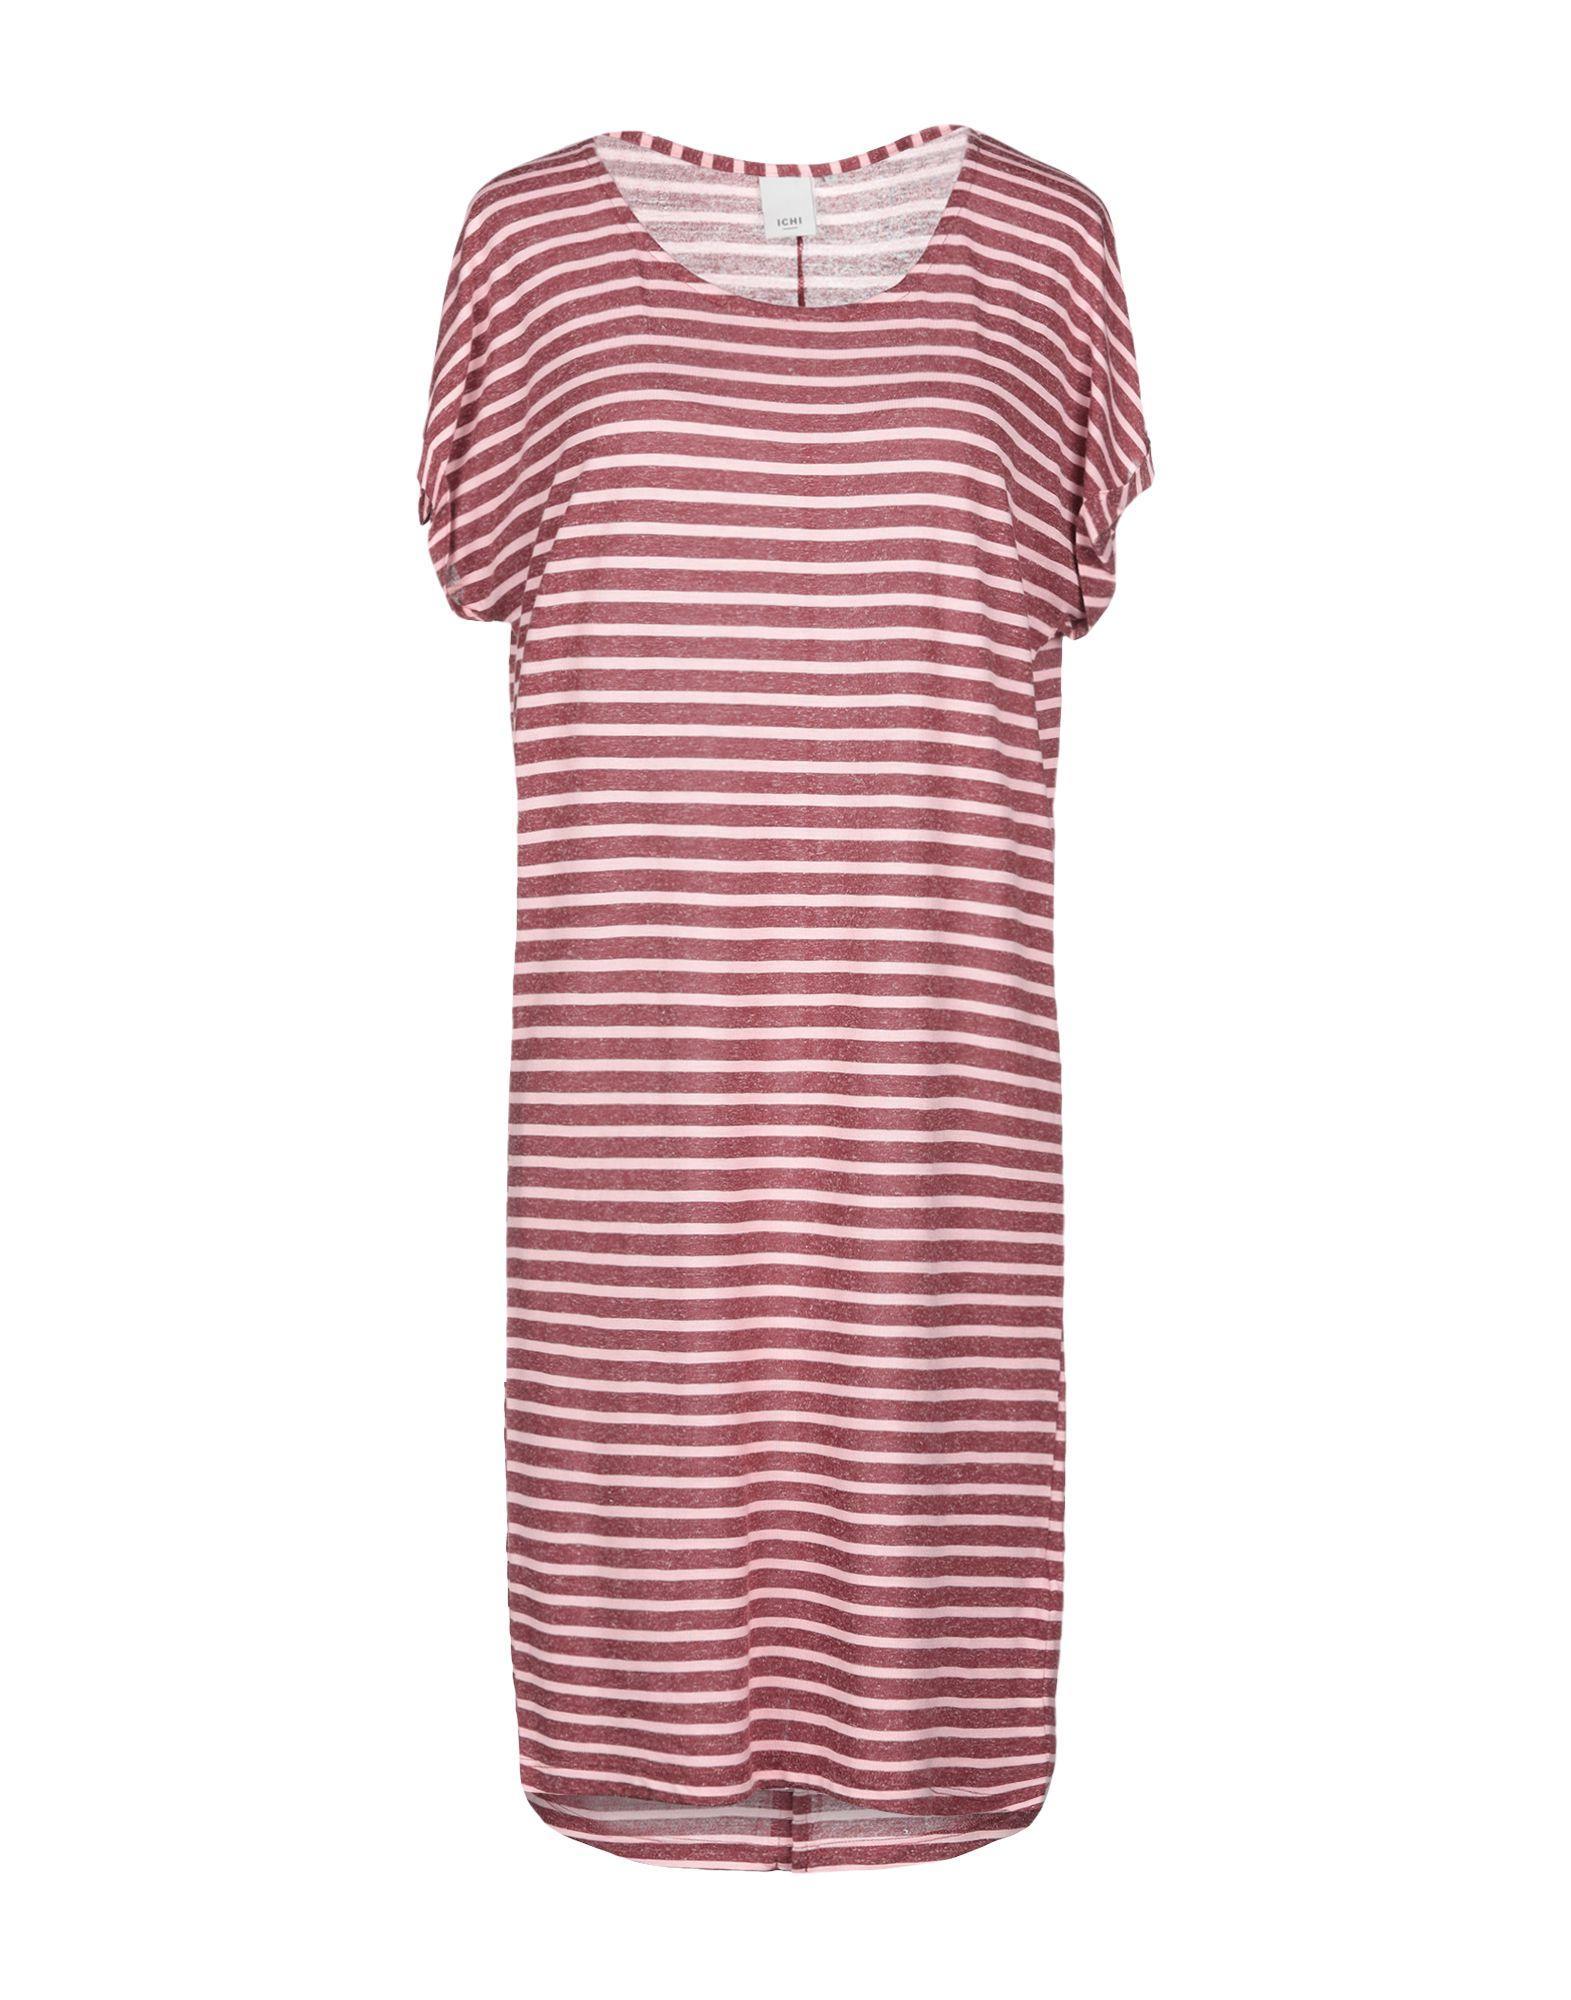 Короткое платье  Коричневый цвета